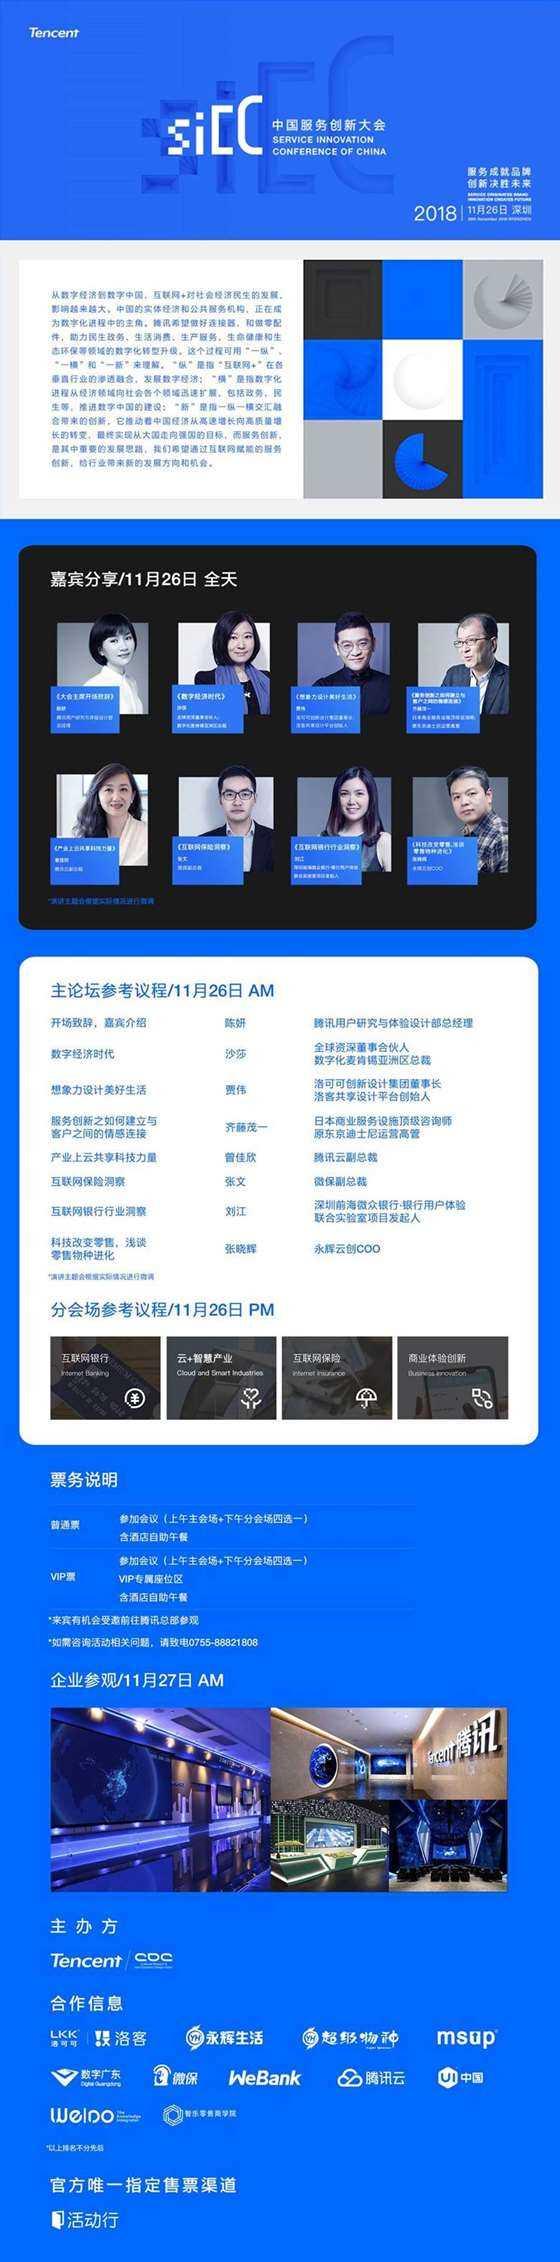 中国服务创新大会 2018.jpg